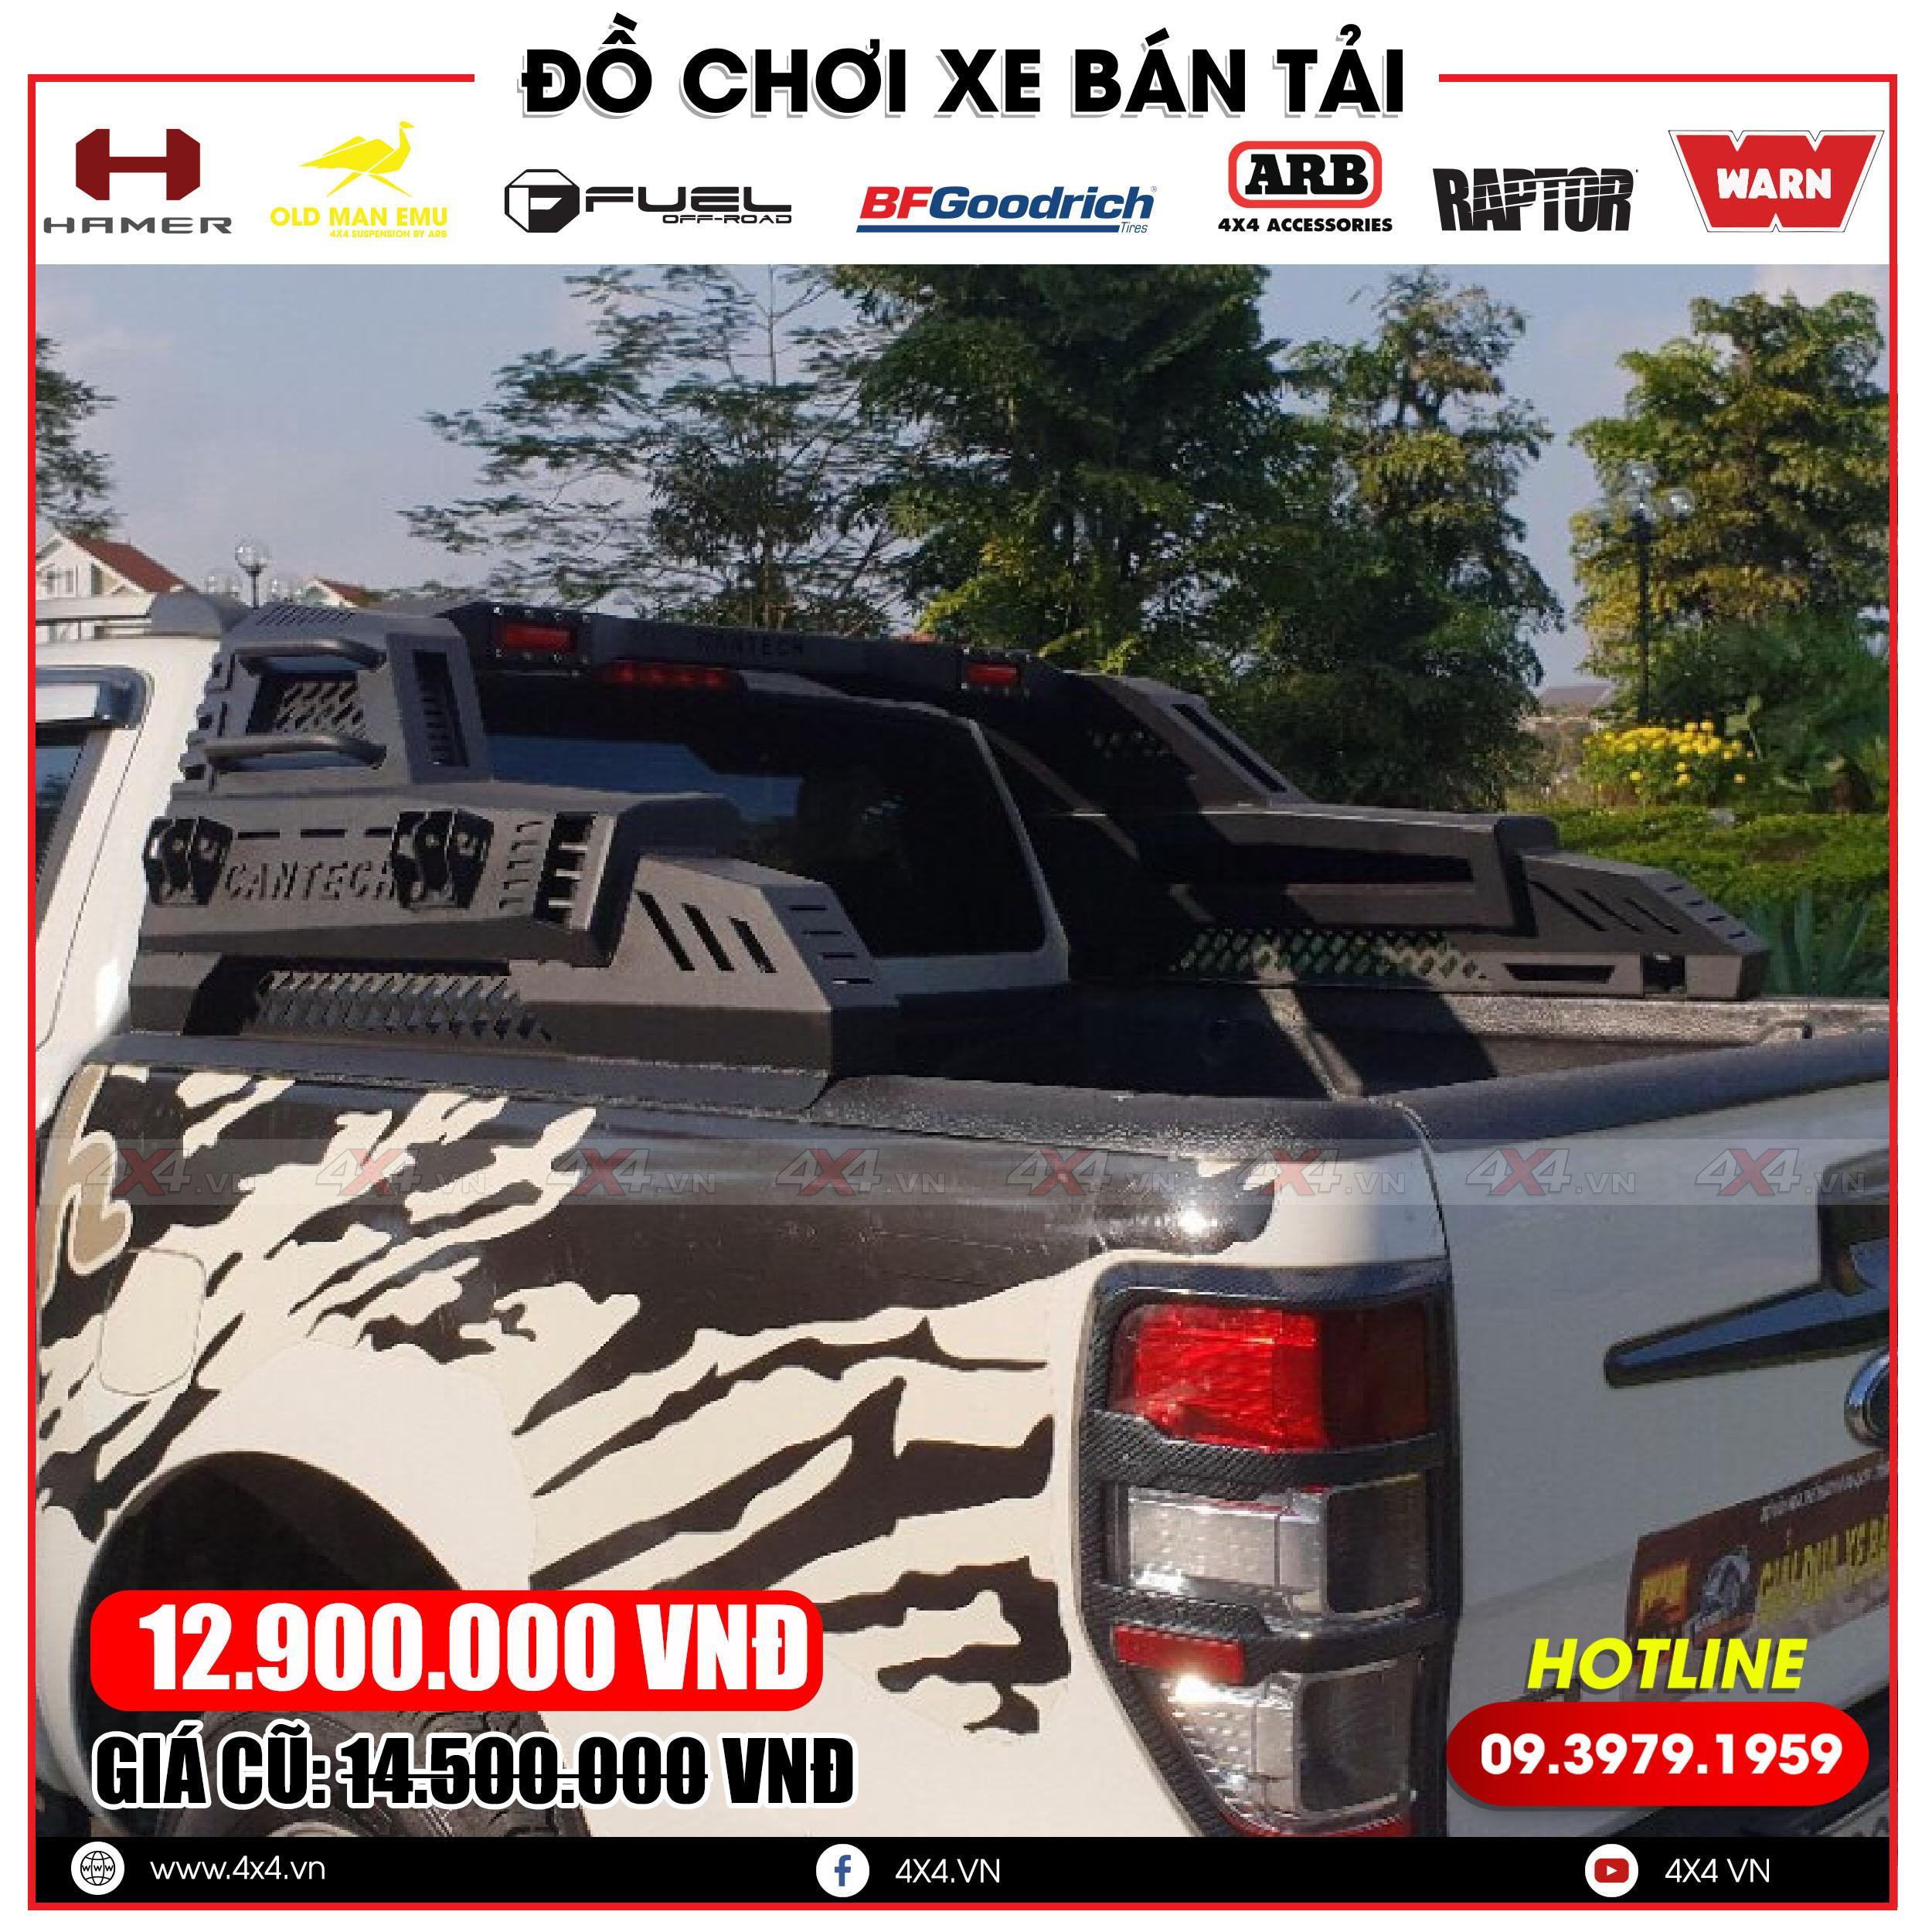 Khung thể thao thương hiệu cantech hiện đang làm mưa làm gió tại thị trường Việt Nam